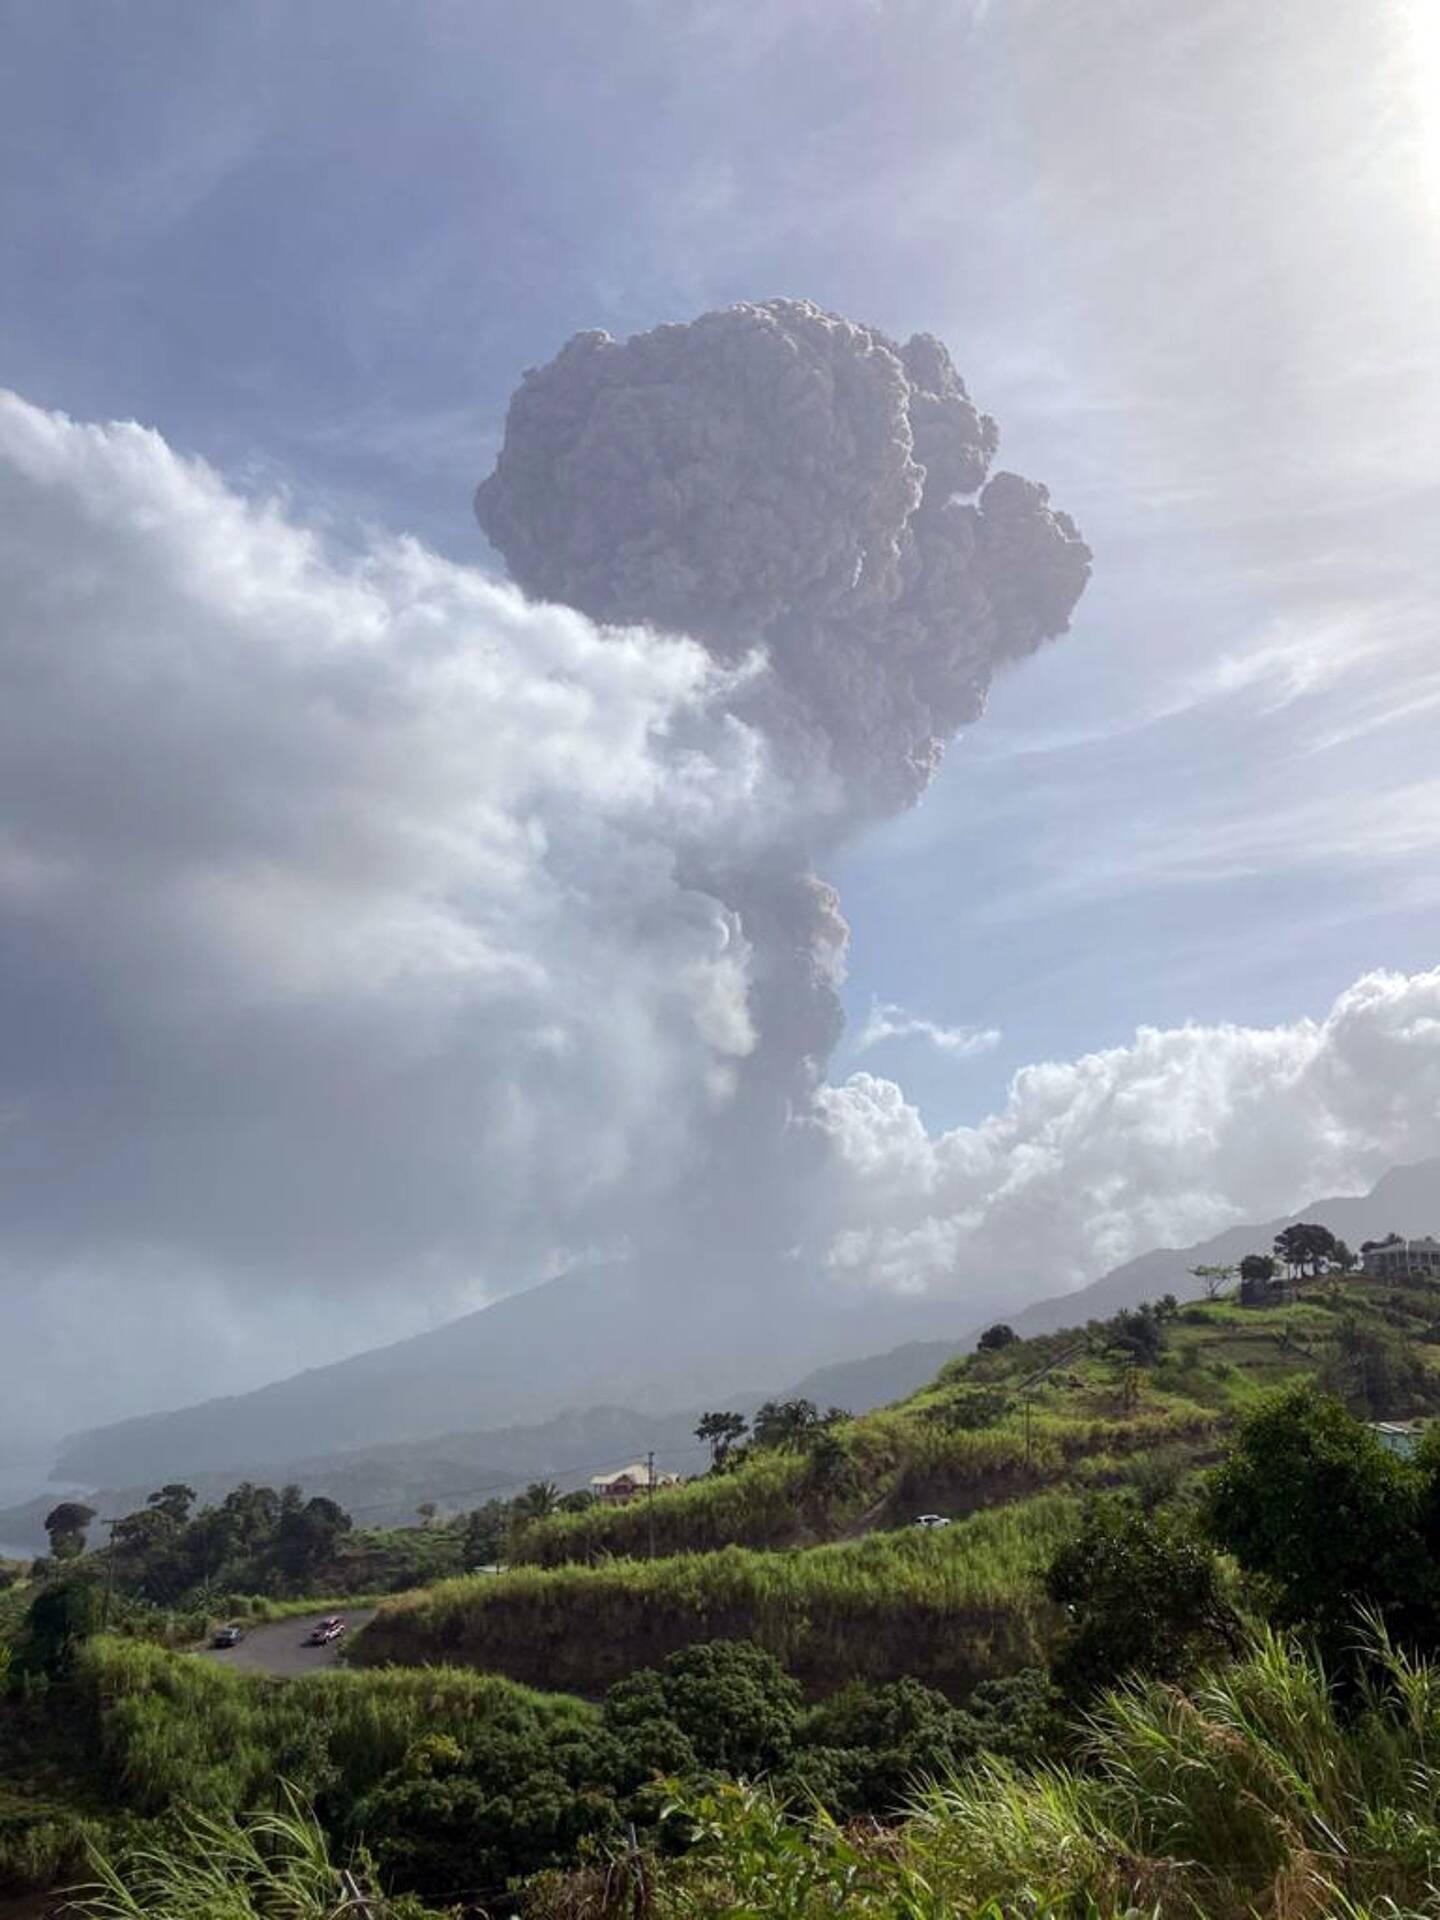 Image fournie par le Centre sismique de Saint-Vincent le 9 avril 2021 de l'éruption de la Soufrière à Saint-Vincent-et-les-Grenadines